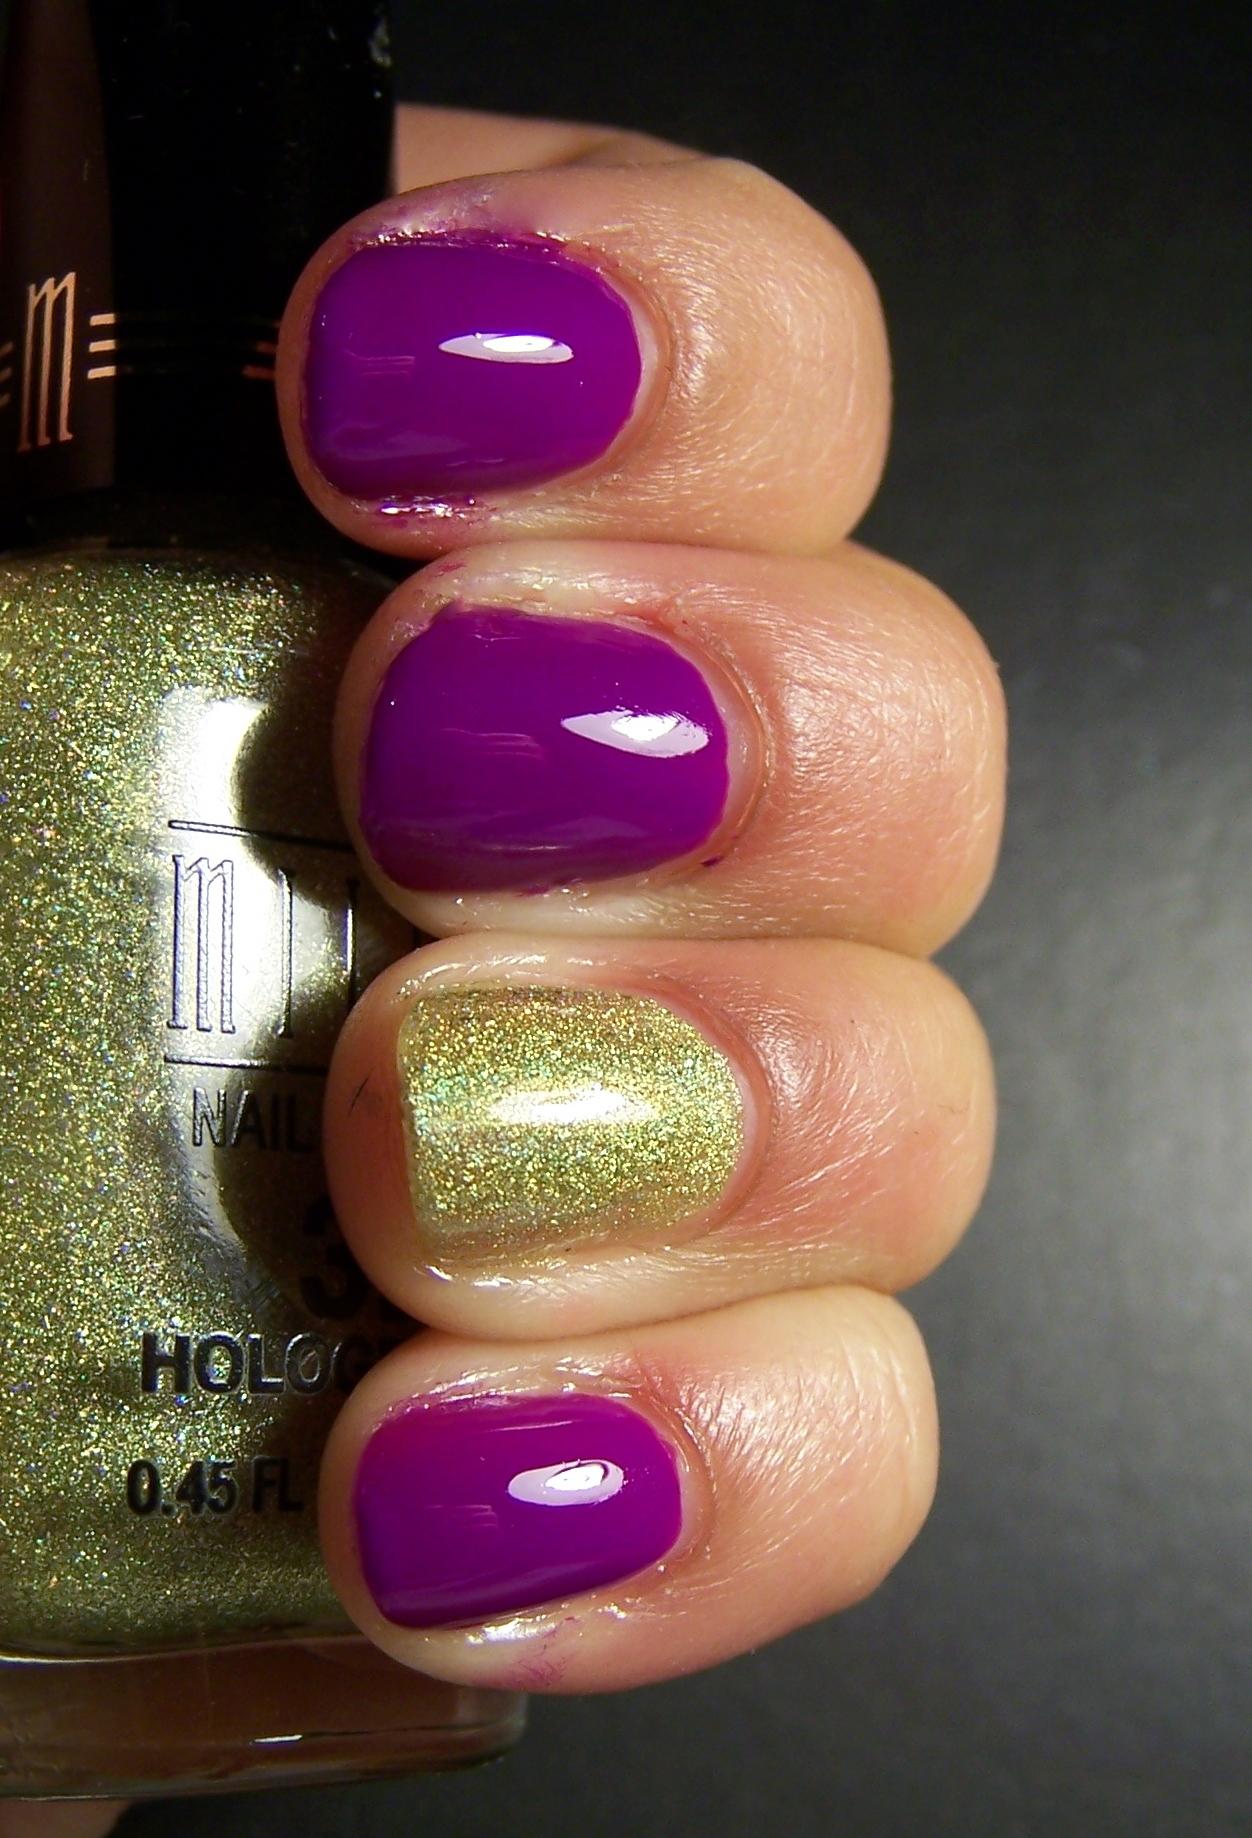 milani | Mucho esmalte y pocas nueces